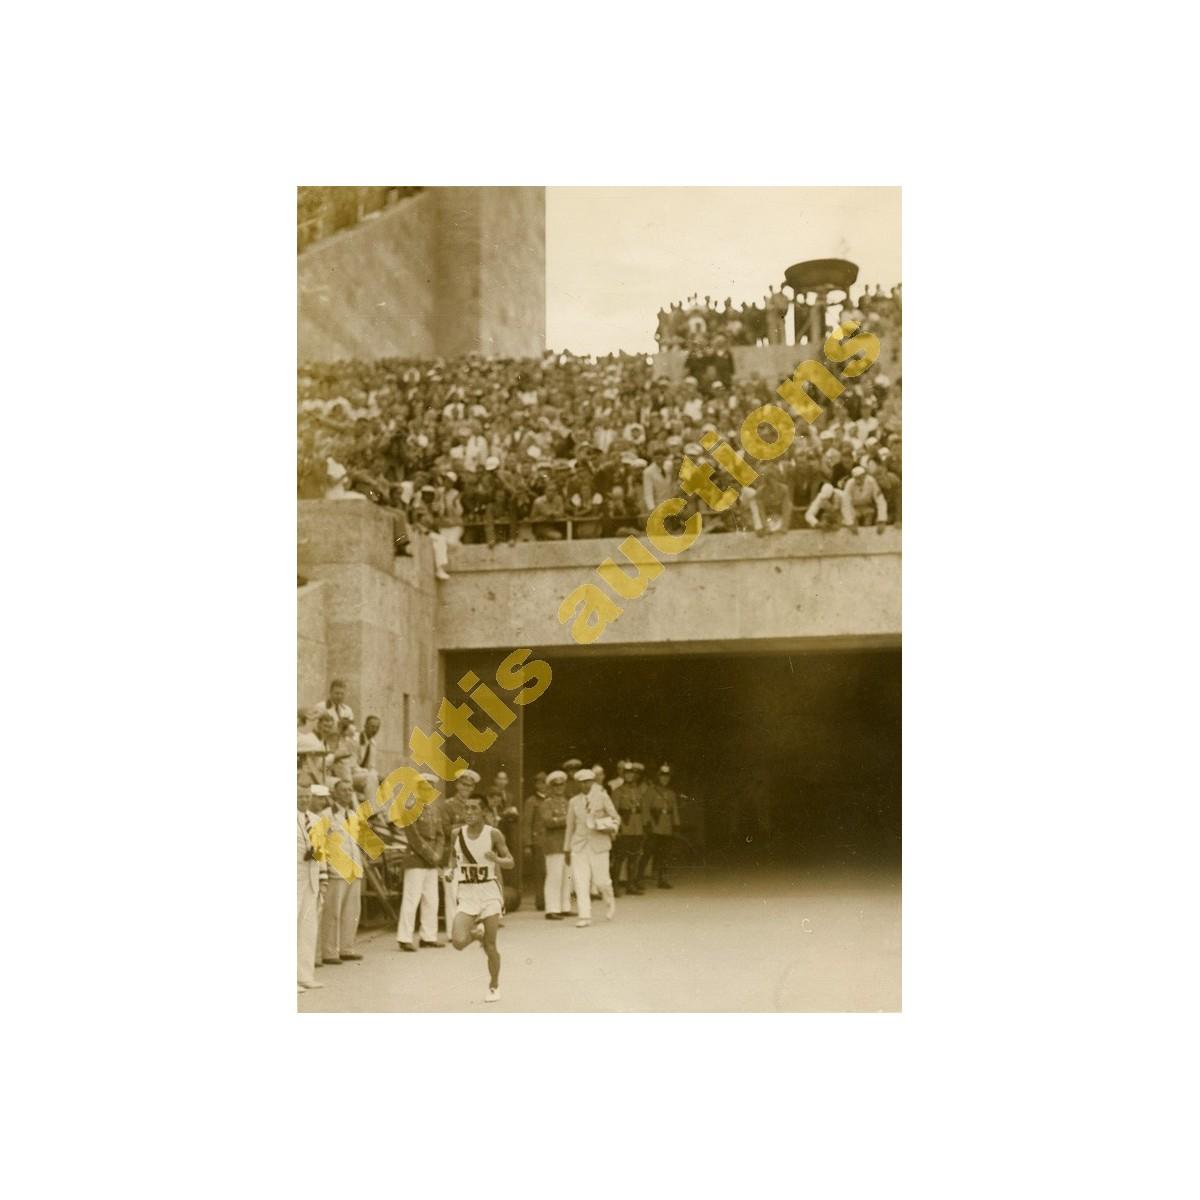 ΟΛΥΜΠΙΑΚΟΙ ΑΓΩΝΕΣ ΒΕΡΟΛΙΝΟΥ 1936